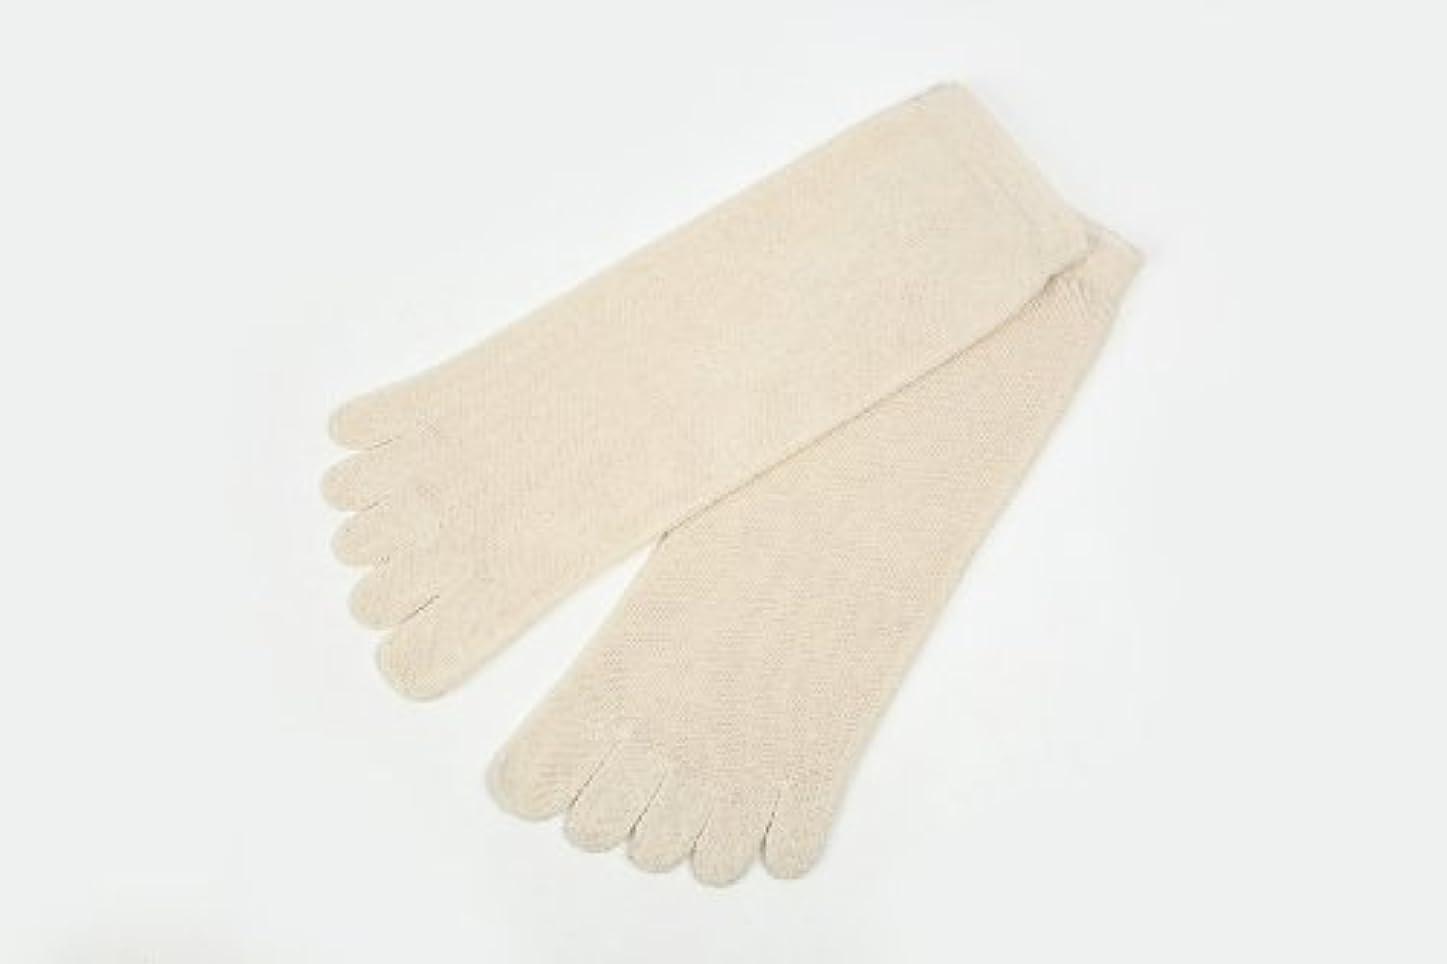 アウター離す左utatane 冷えとり靴下 大人用 オーガニックコットン100% 5本指ソックス